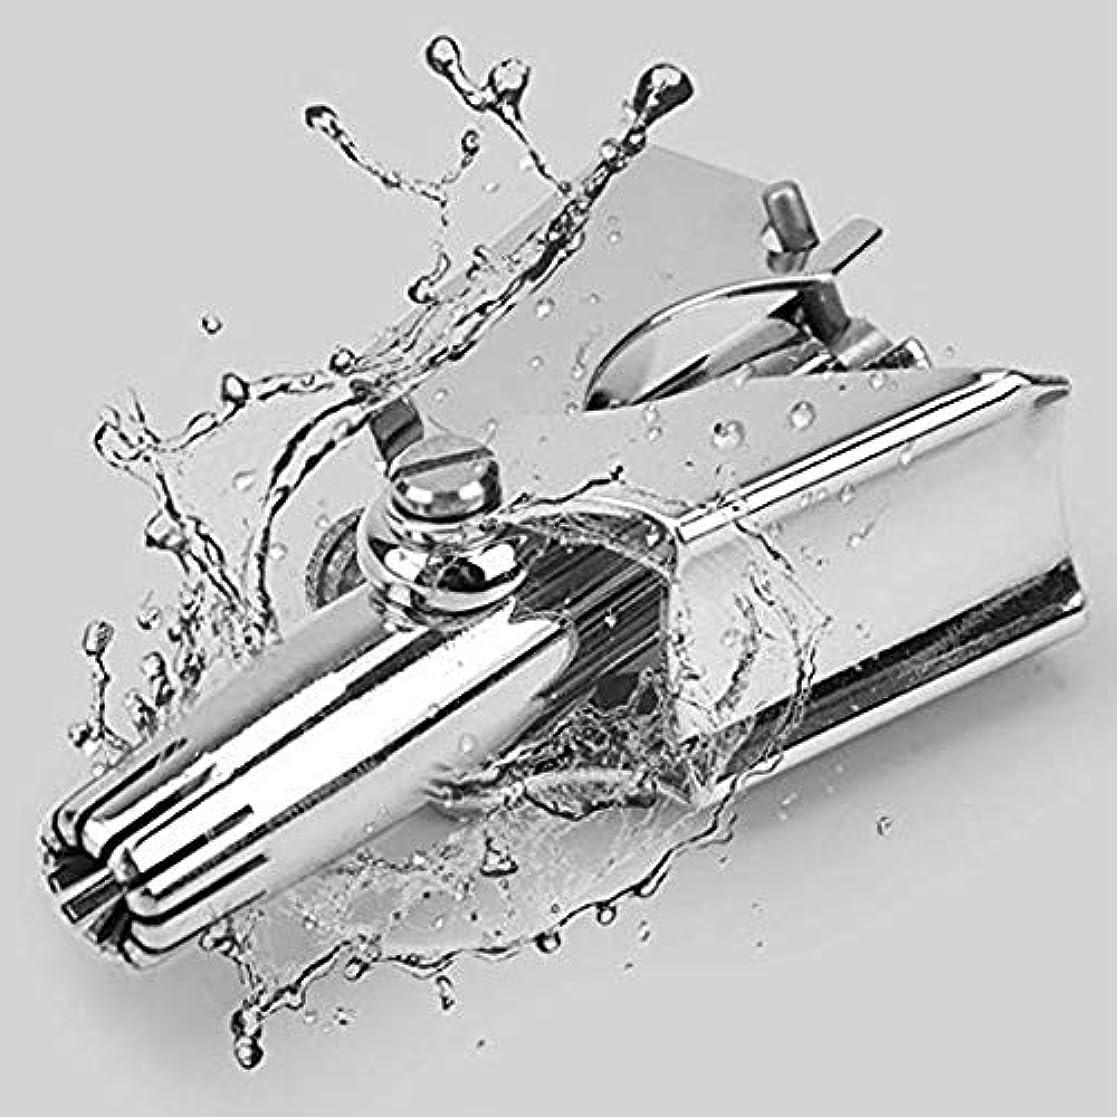 廃止良い訪問耳と鼻の毛トリマー、男性と女性のための手動鼻毛トリマー、完璧なステンレス鋼の鼻トリマーはさみ-シルバー(バッテリー不要) (Color : Silver)